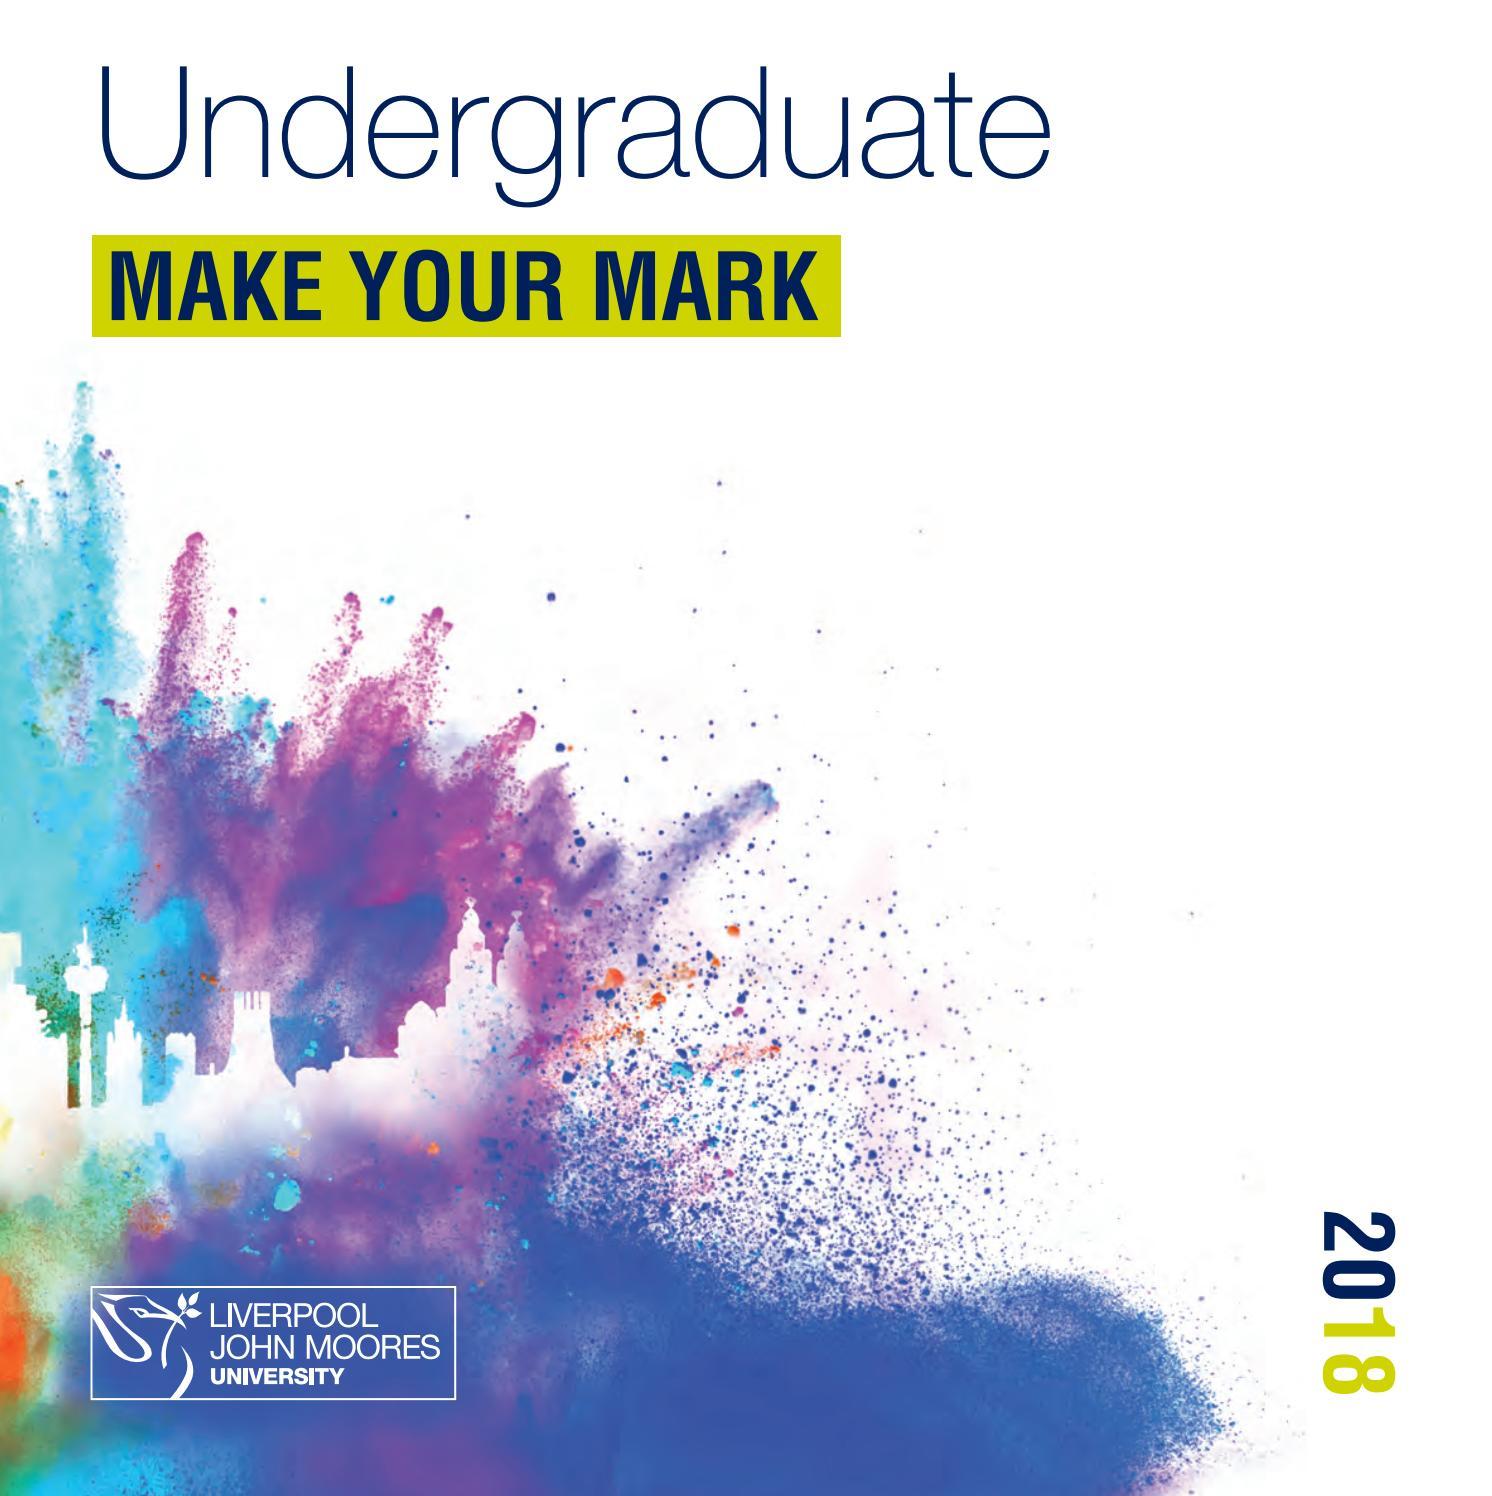 Undergraduate 2018 prospectus for Liverpool John Moores